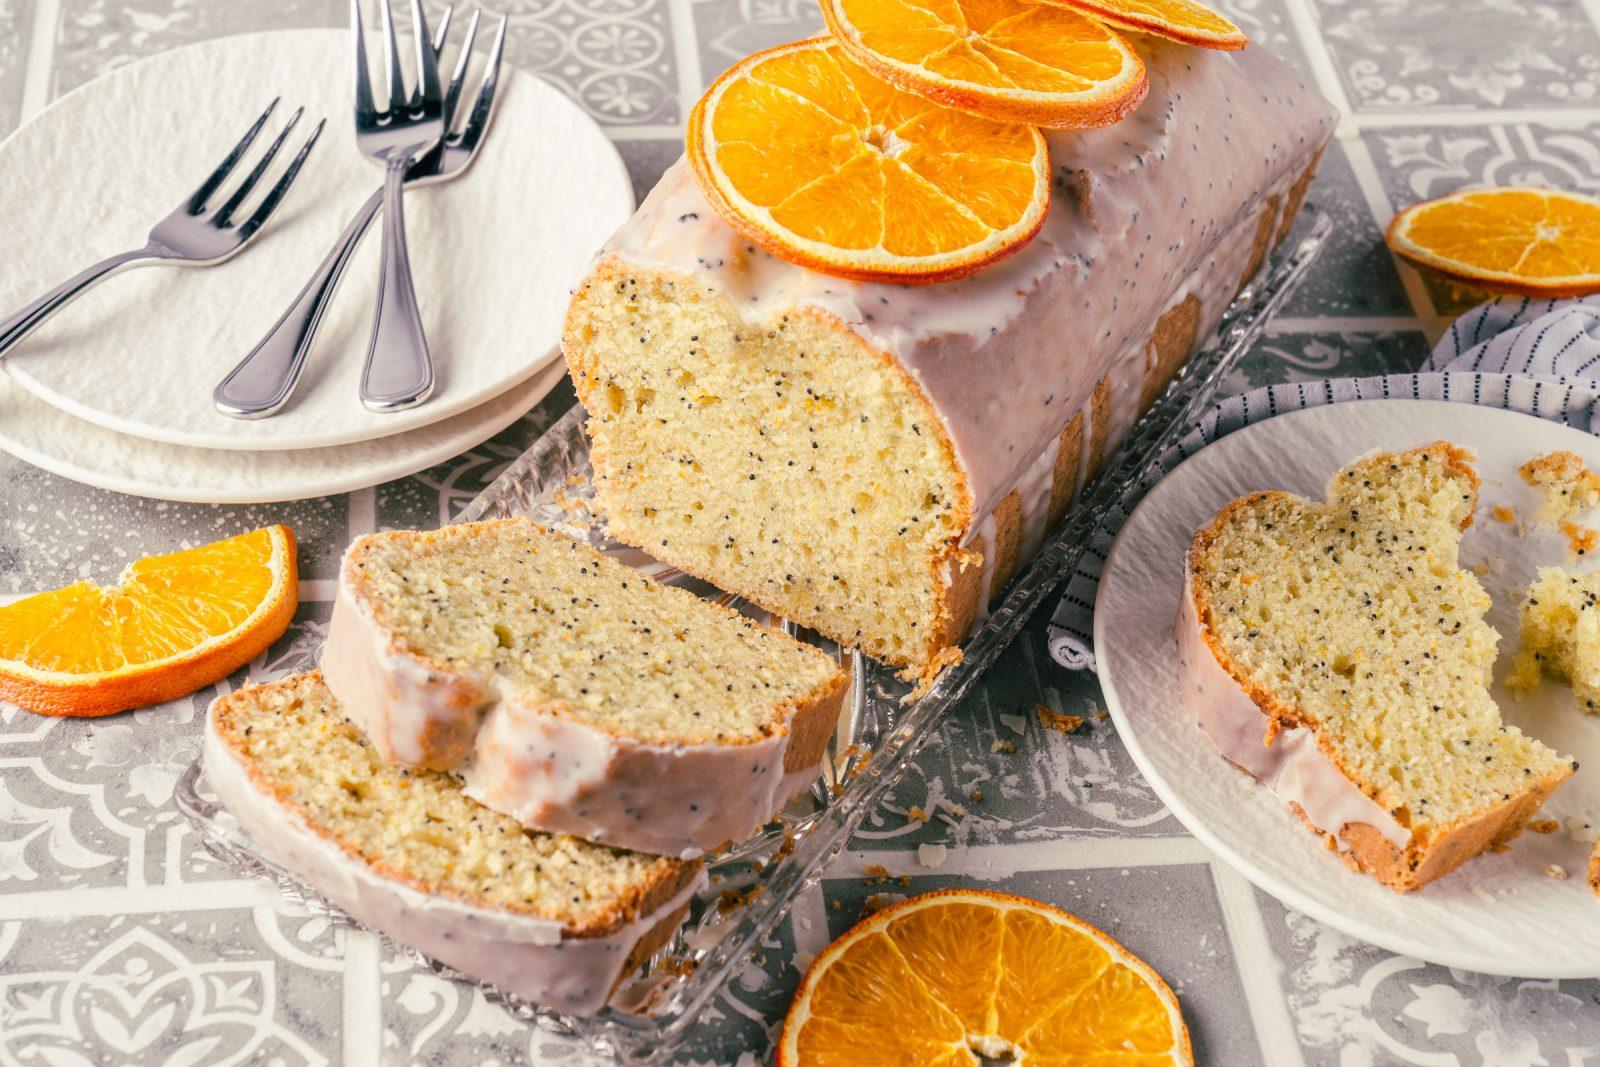 Orange Mohnkuchen 5 | Der Juni ist da und damit höchste Zeit für unseren Sommerkuchen 2021! Also der Kuchen der uns direkt in gute Laune & Sommerstimmung bringt. Viele denken jetzt bestimmt an Torten und ja gerade im Sommer kann so eine kühle Sahnetorte echt toll sein, aber noch viel lieber machen wir uns über einen saftigen Rührkuchen her. So erfüllt unser Mohn-Orangenkuchen alle Kriterien und es wird in dieses Jahr noch einige Male auf die Kuchentafel für uns, Freunde und Familie schaffen.